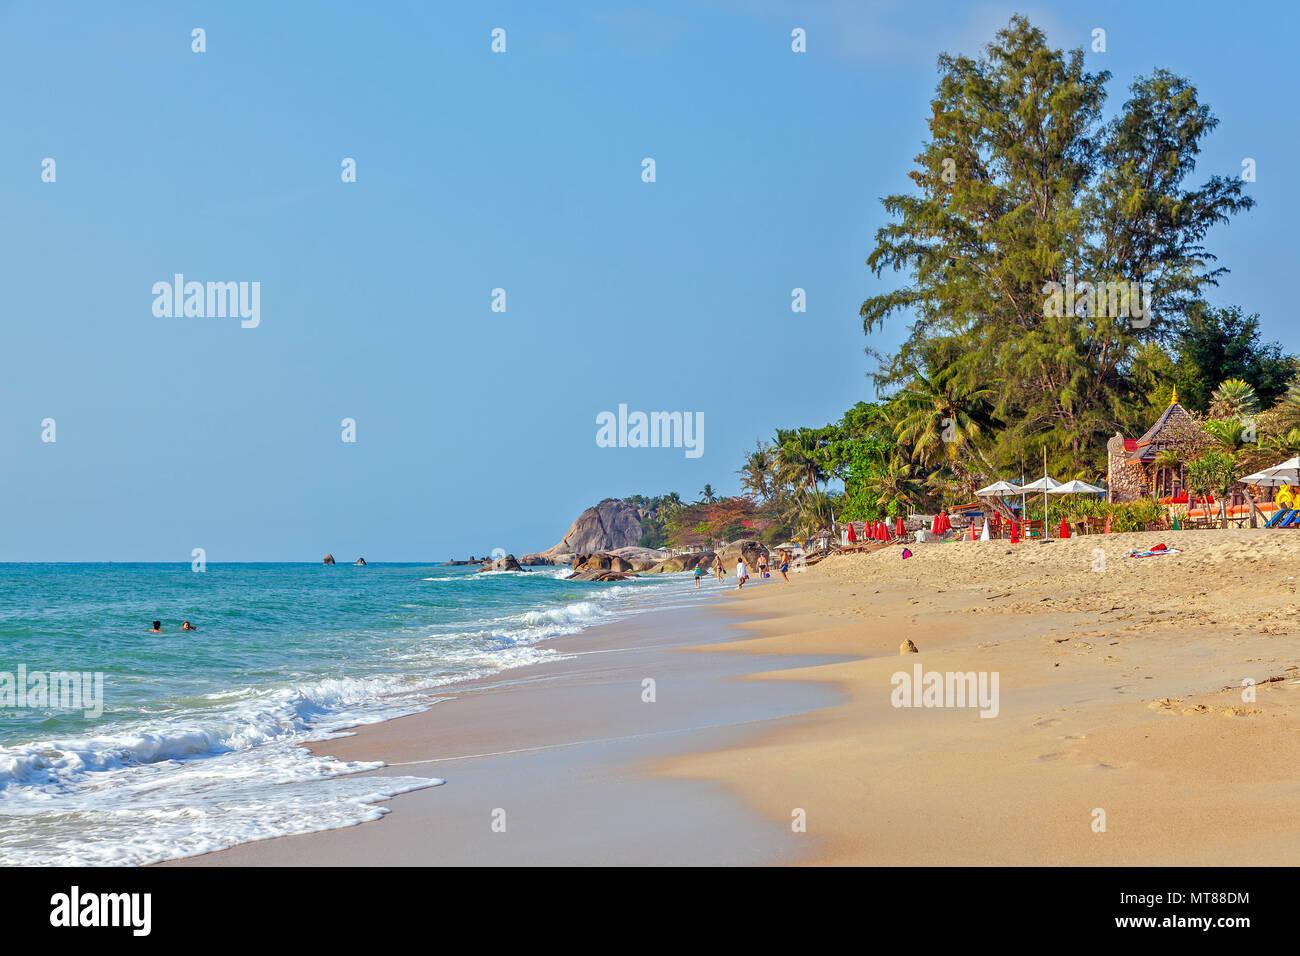 Mattina di sole sulla spiaggia di Lamai. Koh Samui. Thailandia. Immagini Stock